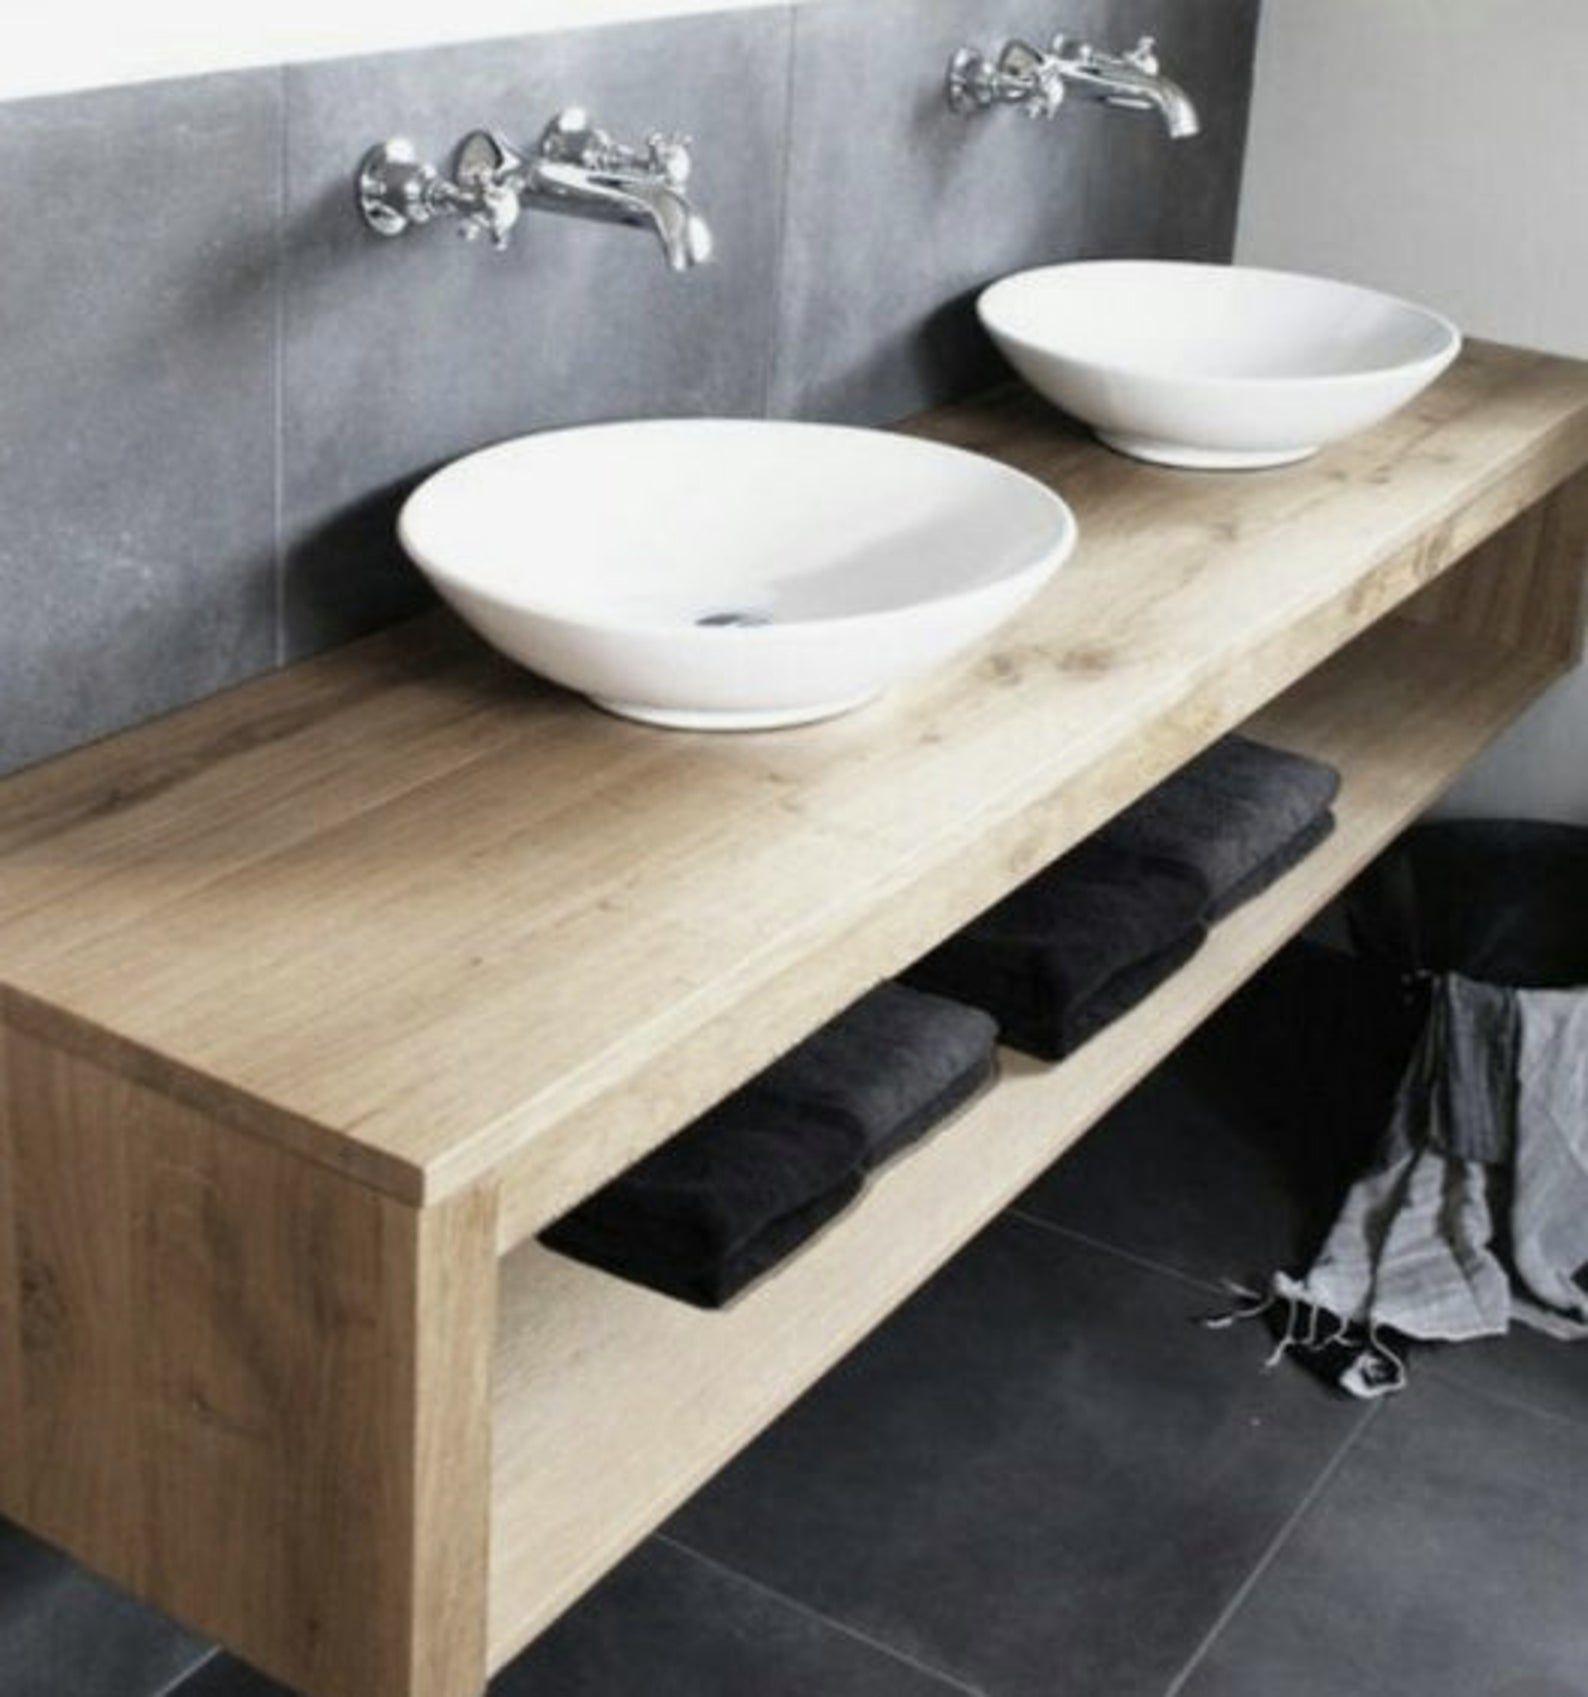 Double Shelf Floating Vanity Solid Hardwood With Zero Etsy Floating Bathroom Vanities Floating Vanity Floating Shelves